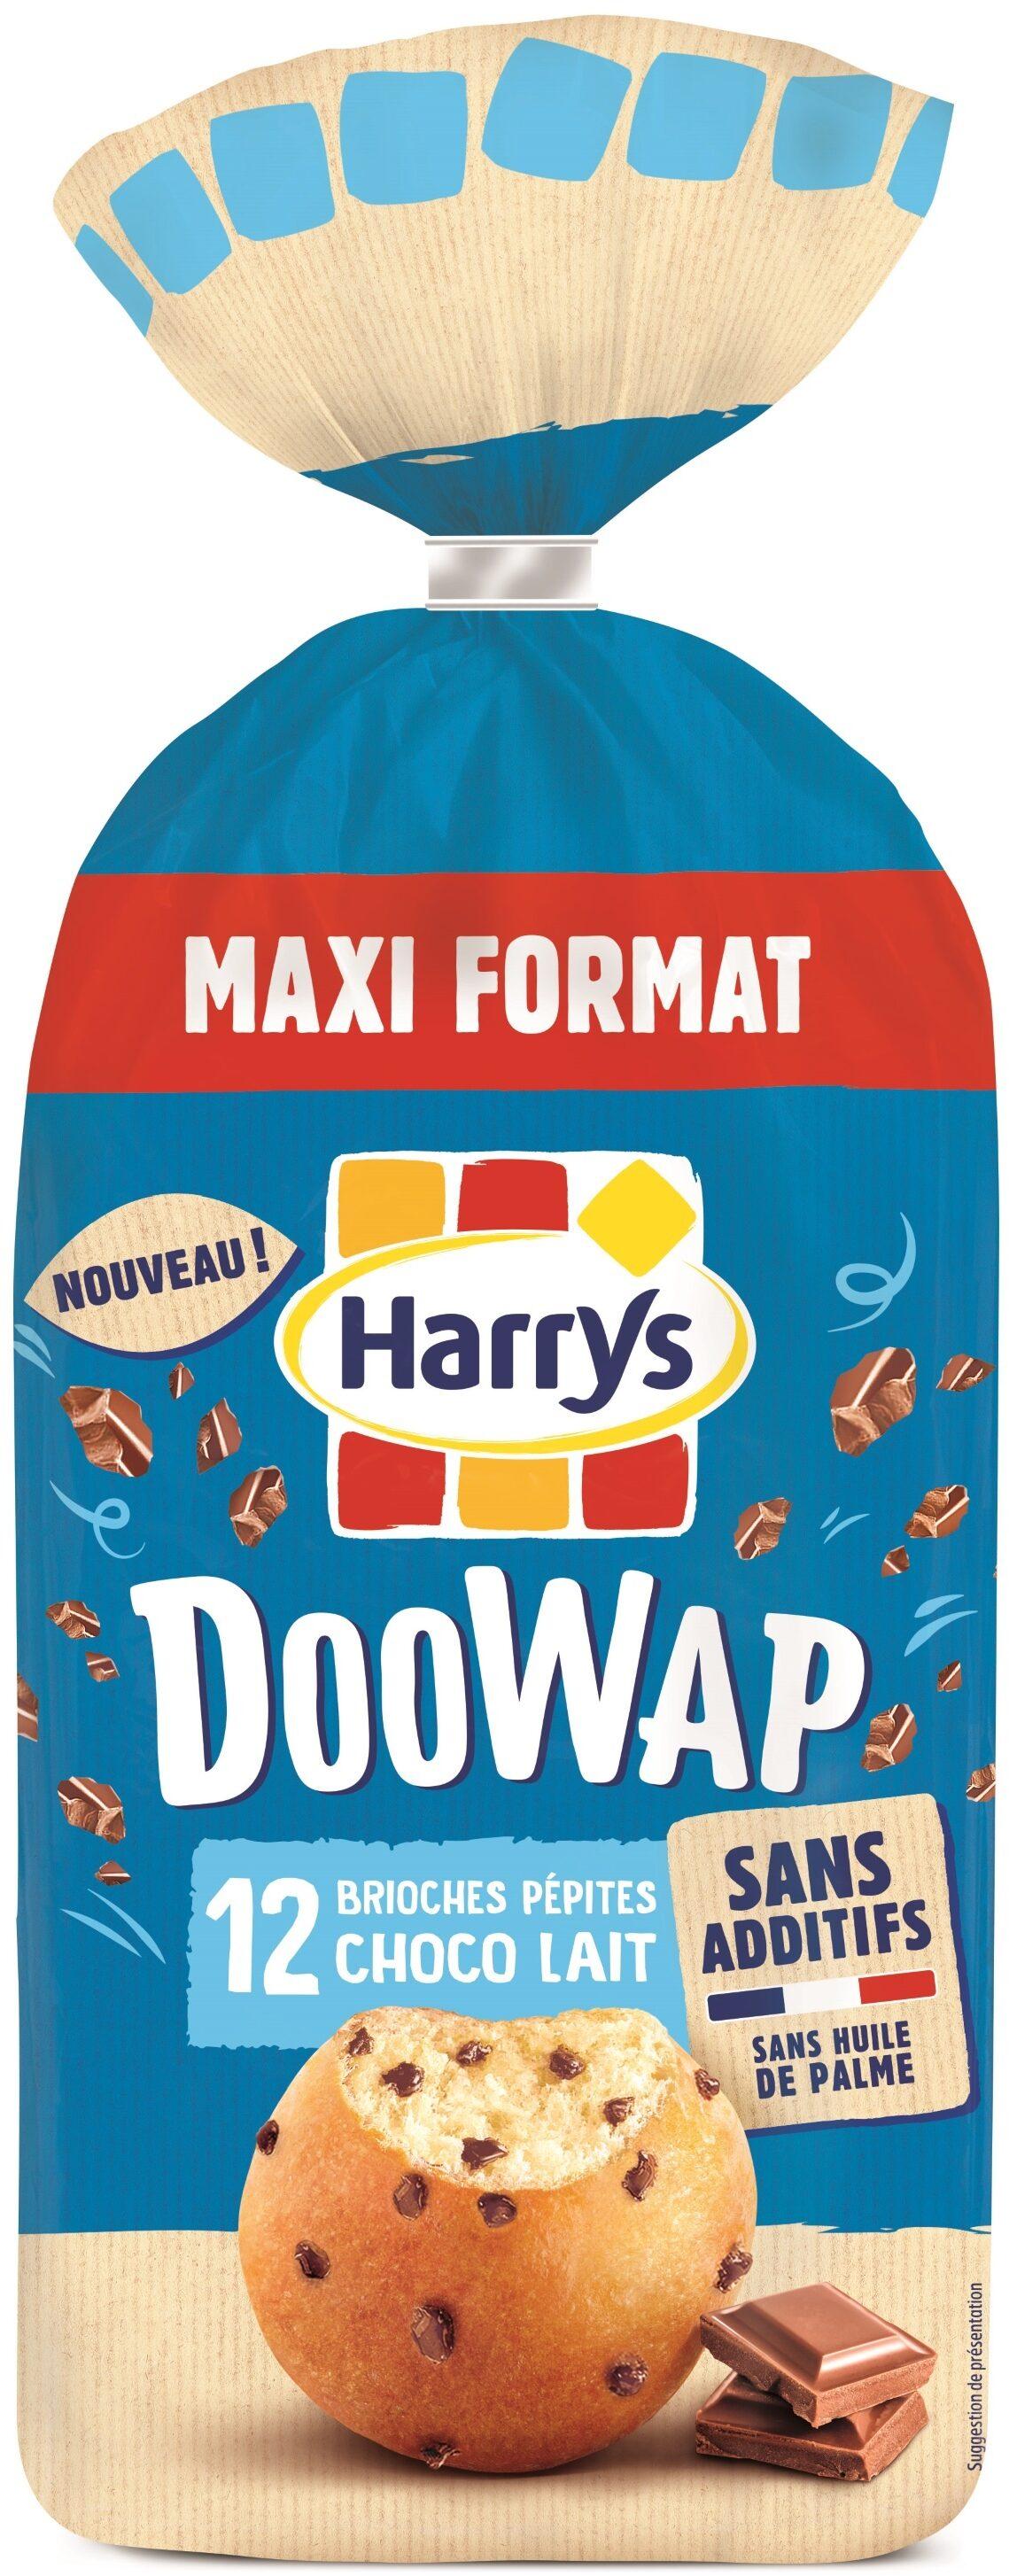 DooWap pépites chocolait ss additif - Produit